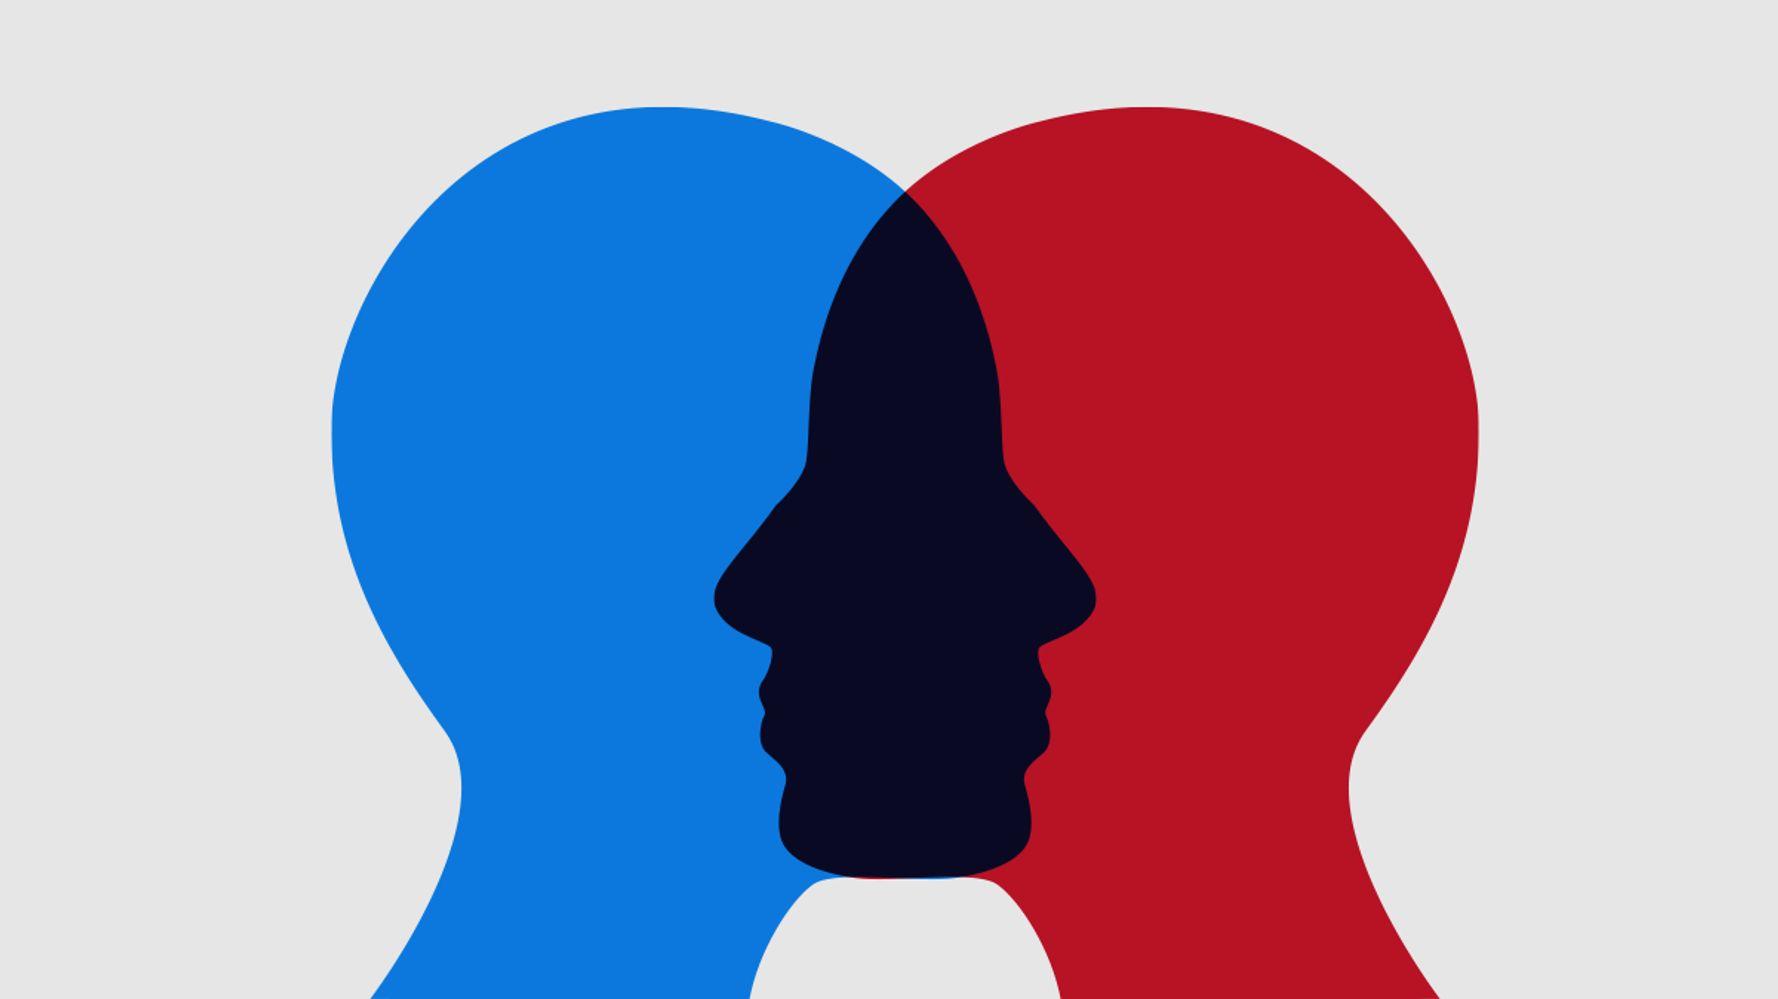 Эмпатия - уровни, диагностика, виды и развитие эмпатии